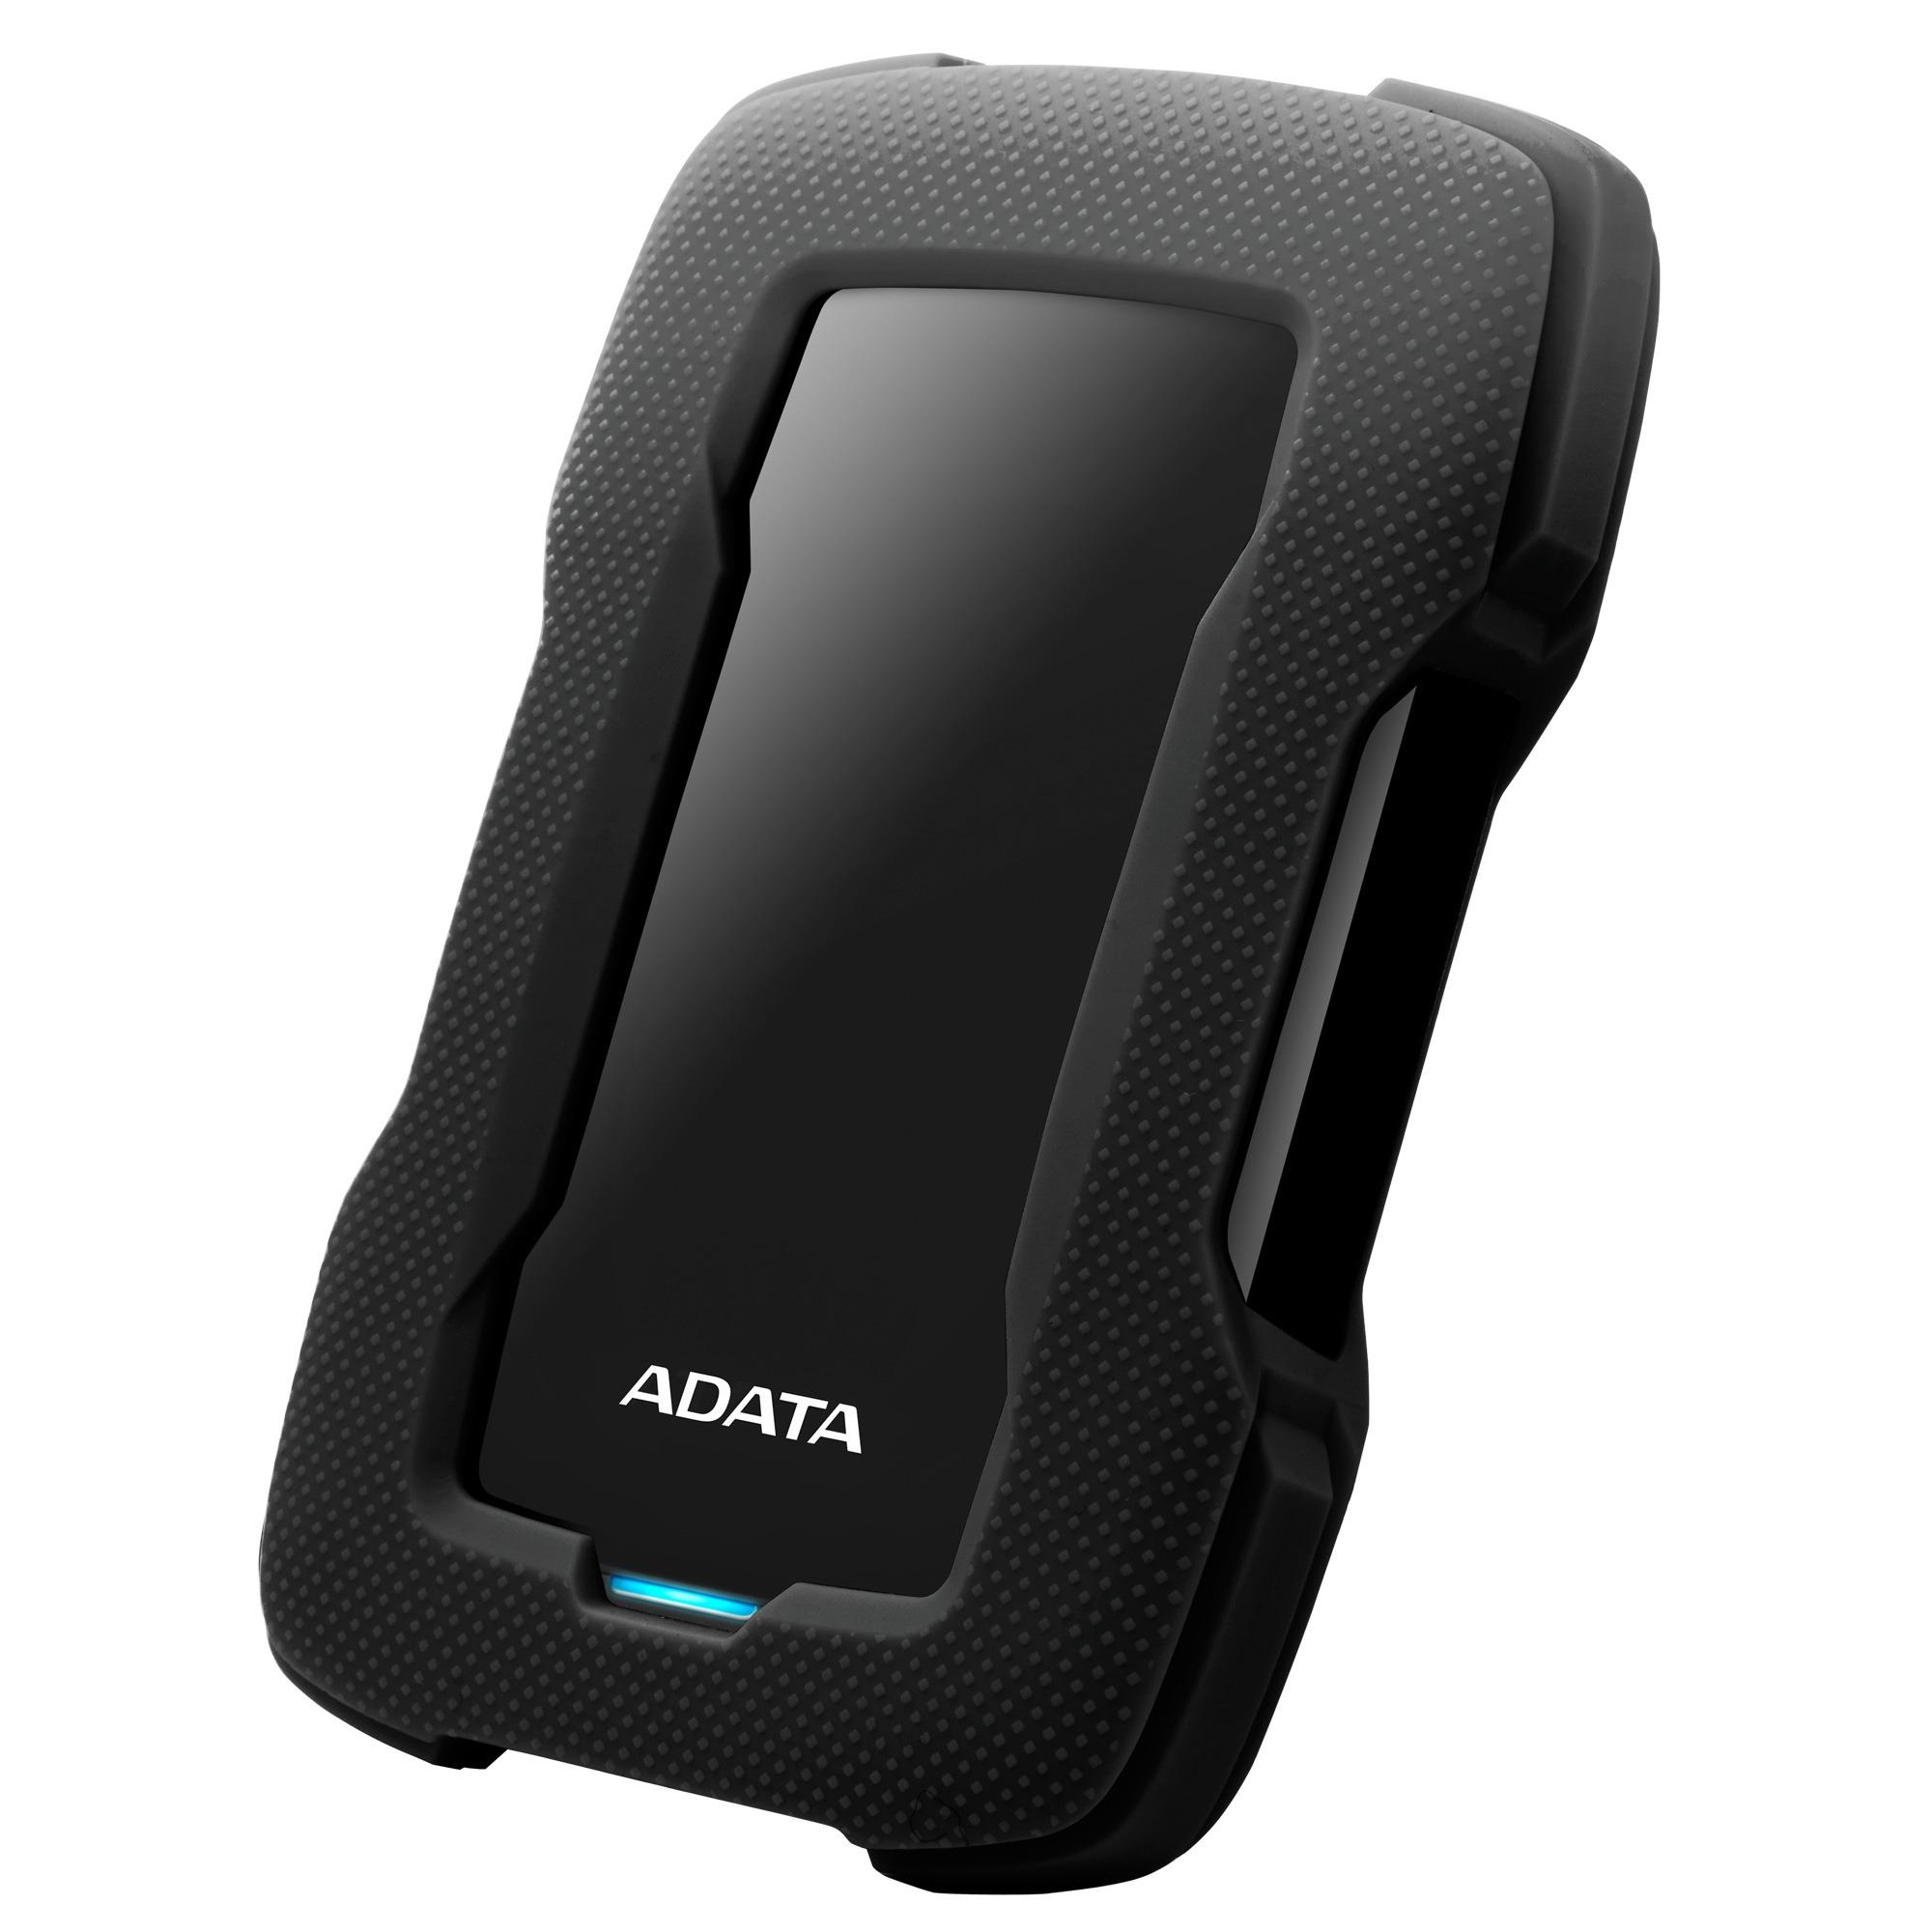 ADATA запускает линейку защищенных портативных дисков (HD650, HD330, HD680, HD770G)